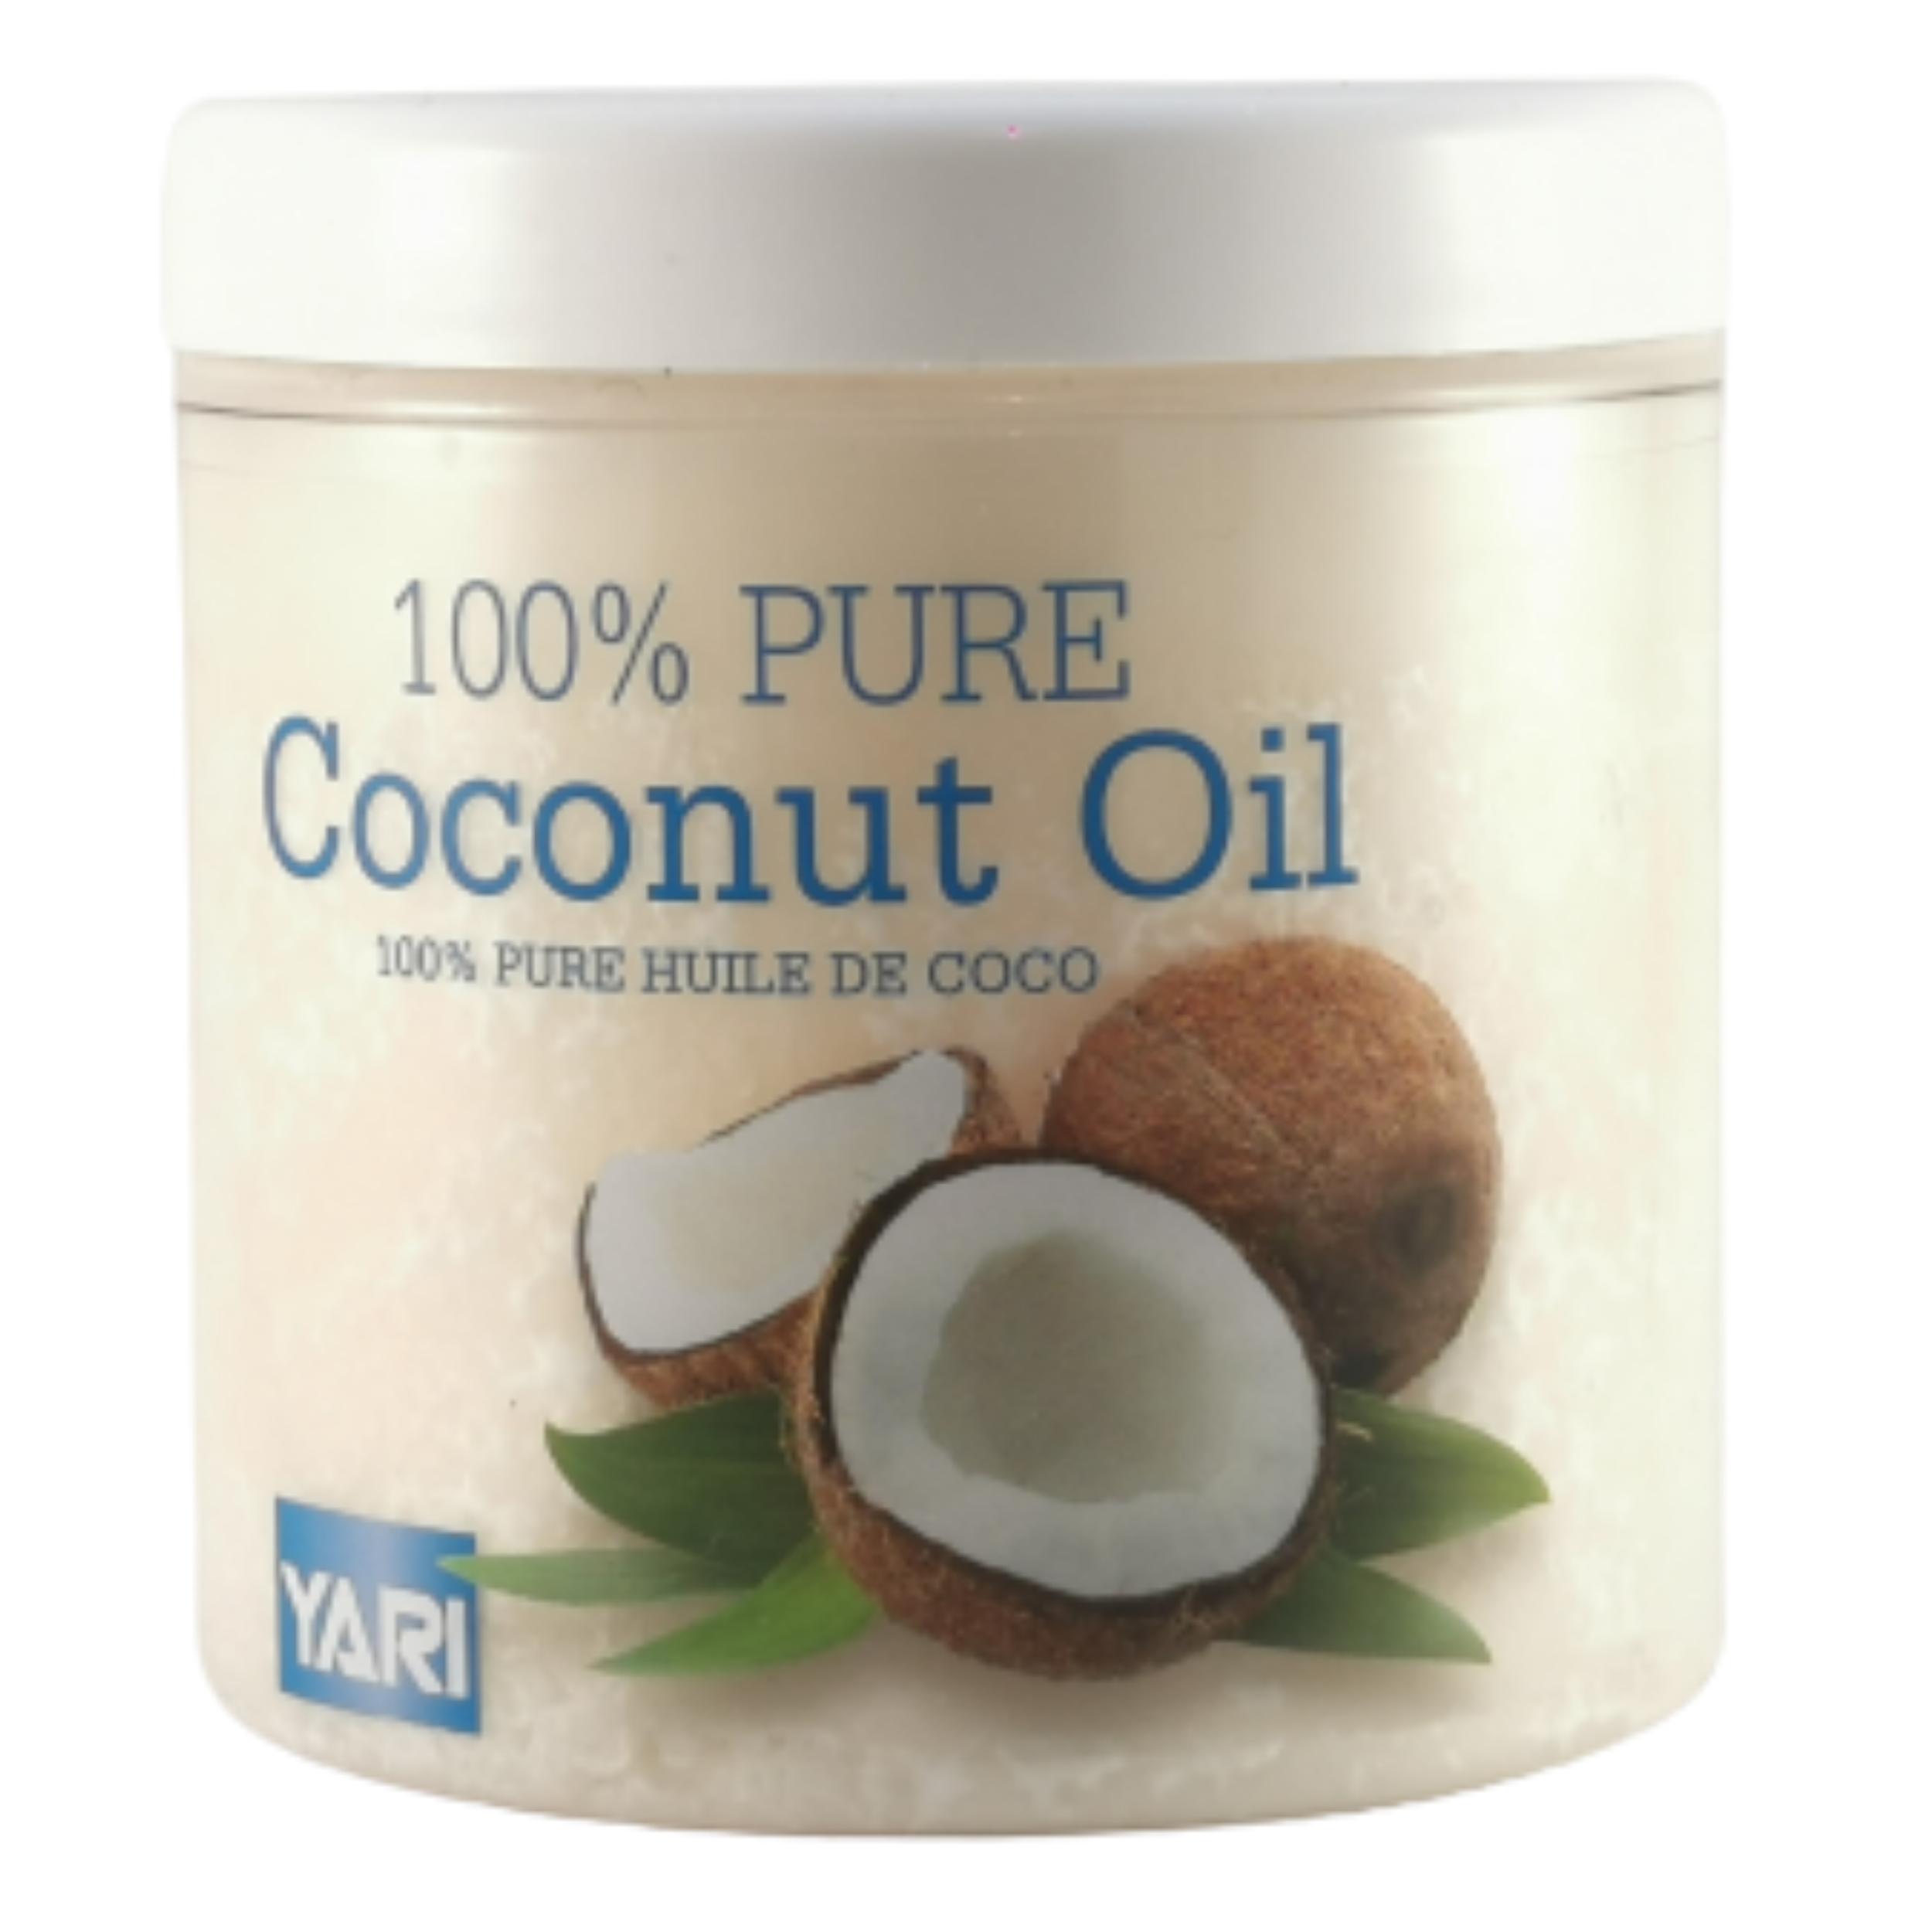 Huile de coco pour peau et cheveux. Nourrit, hydrate et protège continuellement  - YARI